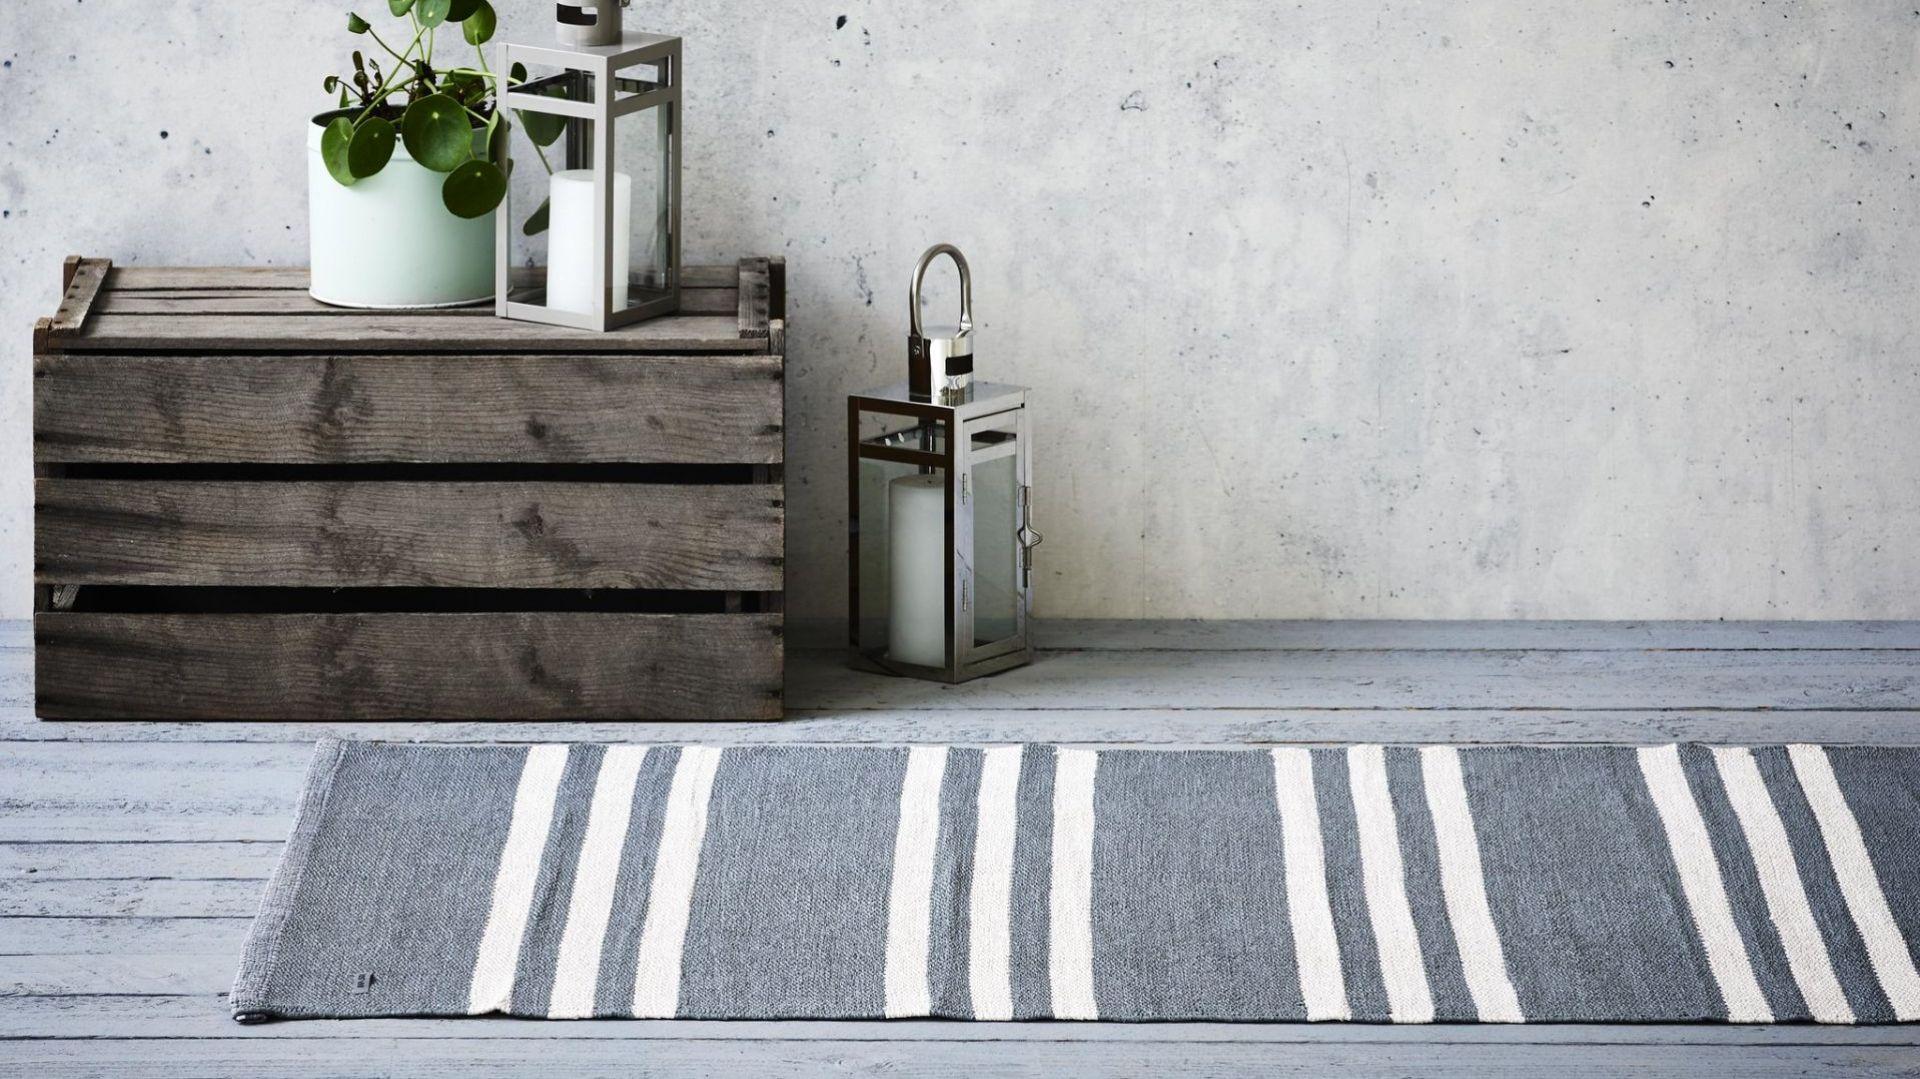 Dywan na balkon/taras z recyklingu - Plastic Grey Offwhite Striped 0019/Carpets&More. Produkt zgłoszony do konkursu Dobry Design 2020.